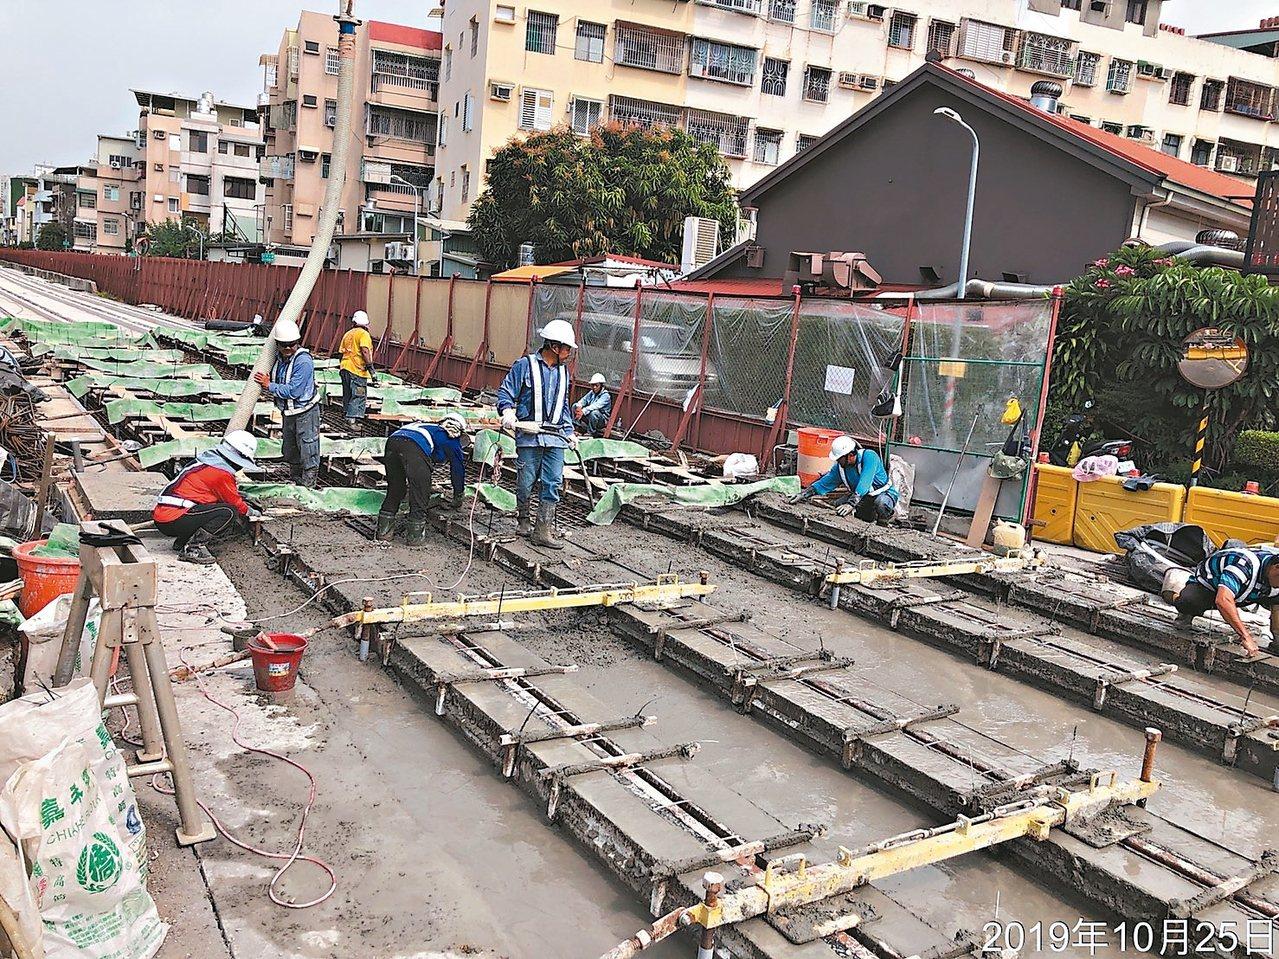 高雄輕軌二階工程無爭議路段仍持續施工,明年底可望先行完工。 圖/高雄市捷運局提供